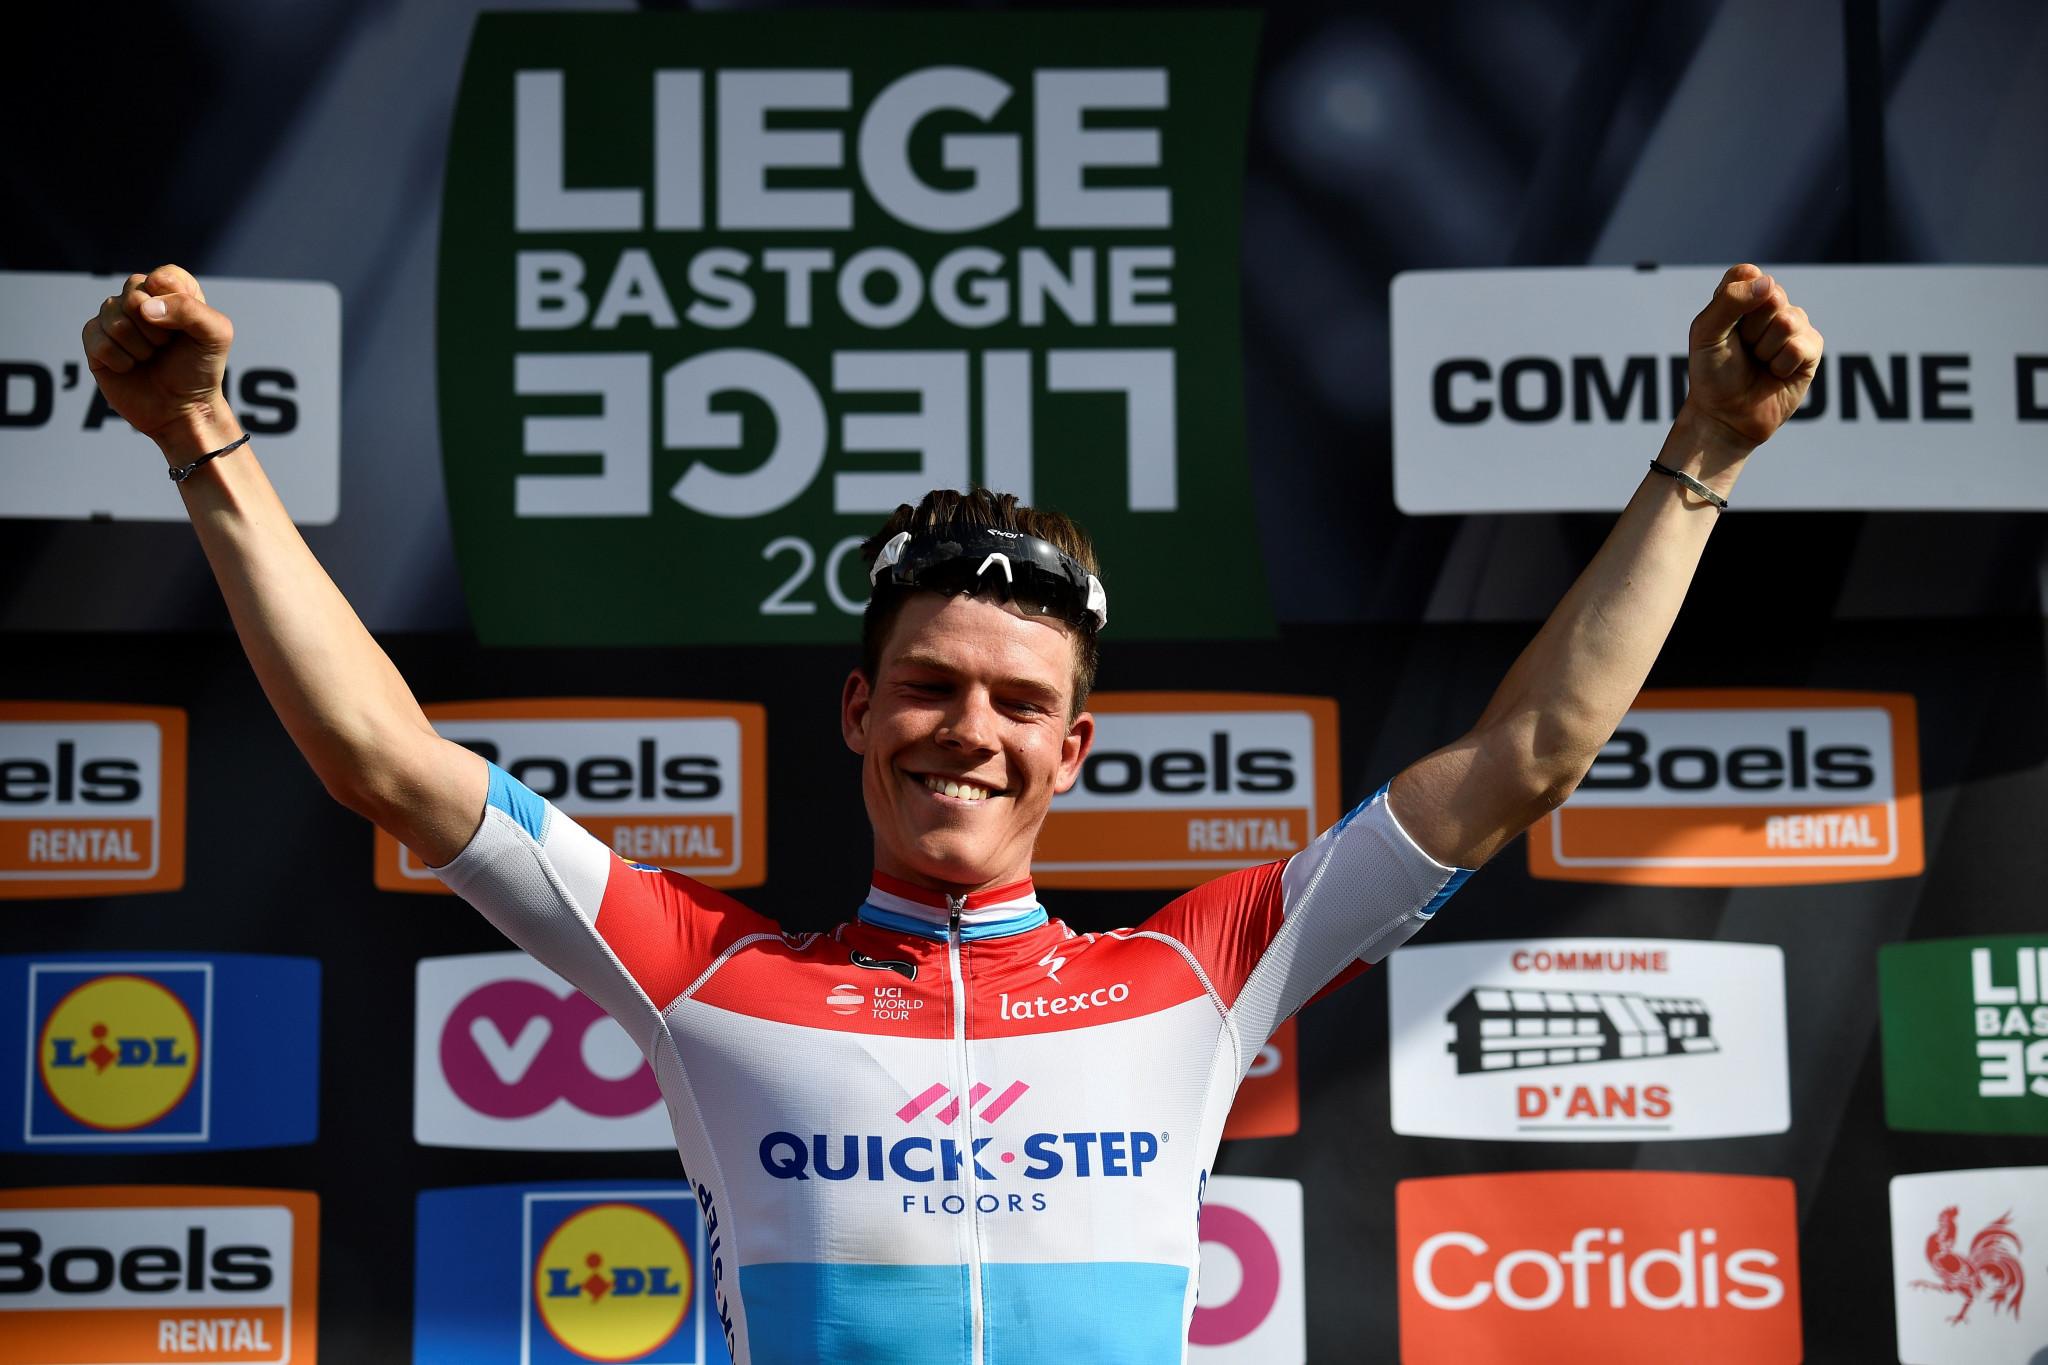 Jungels claims Liège-Bastogne-Liège title with bold solo effort